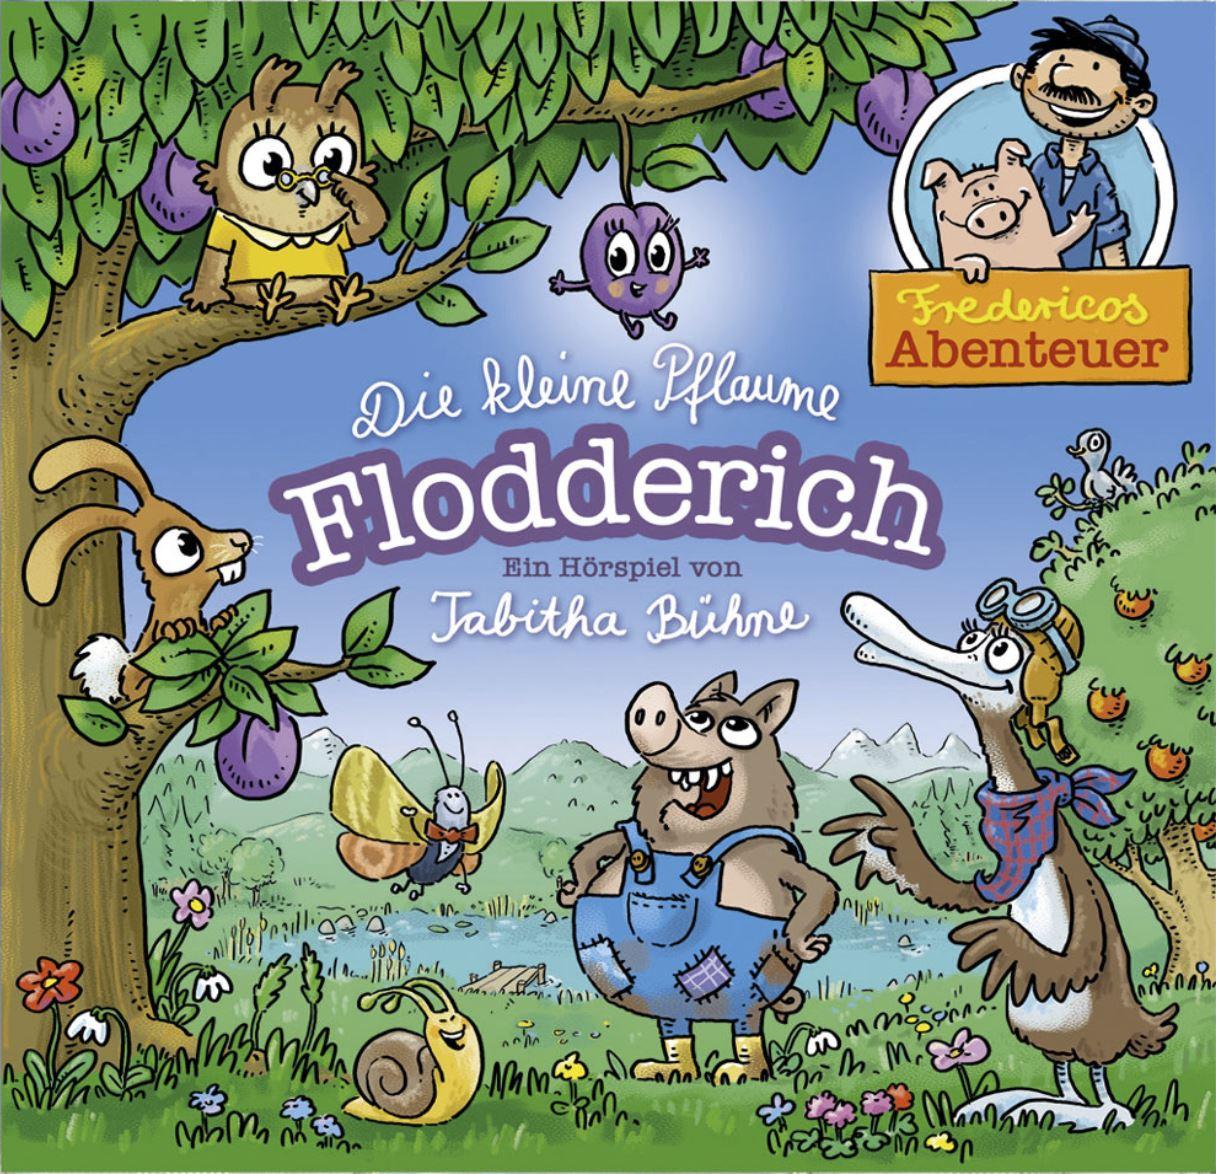 Die kleine Pflaume Flodderich (Audio-CD)